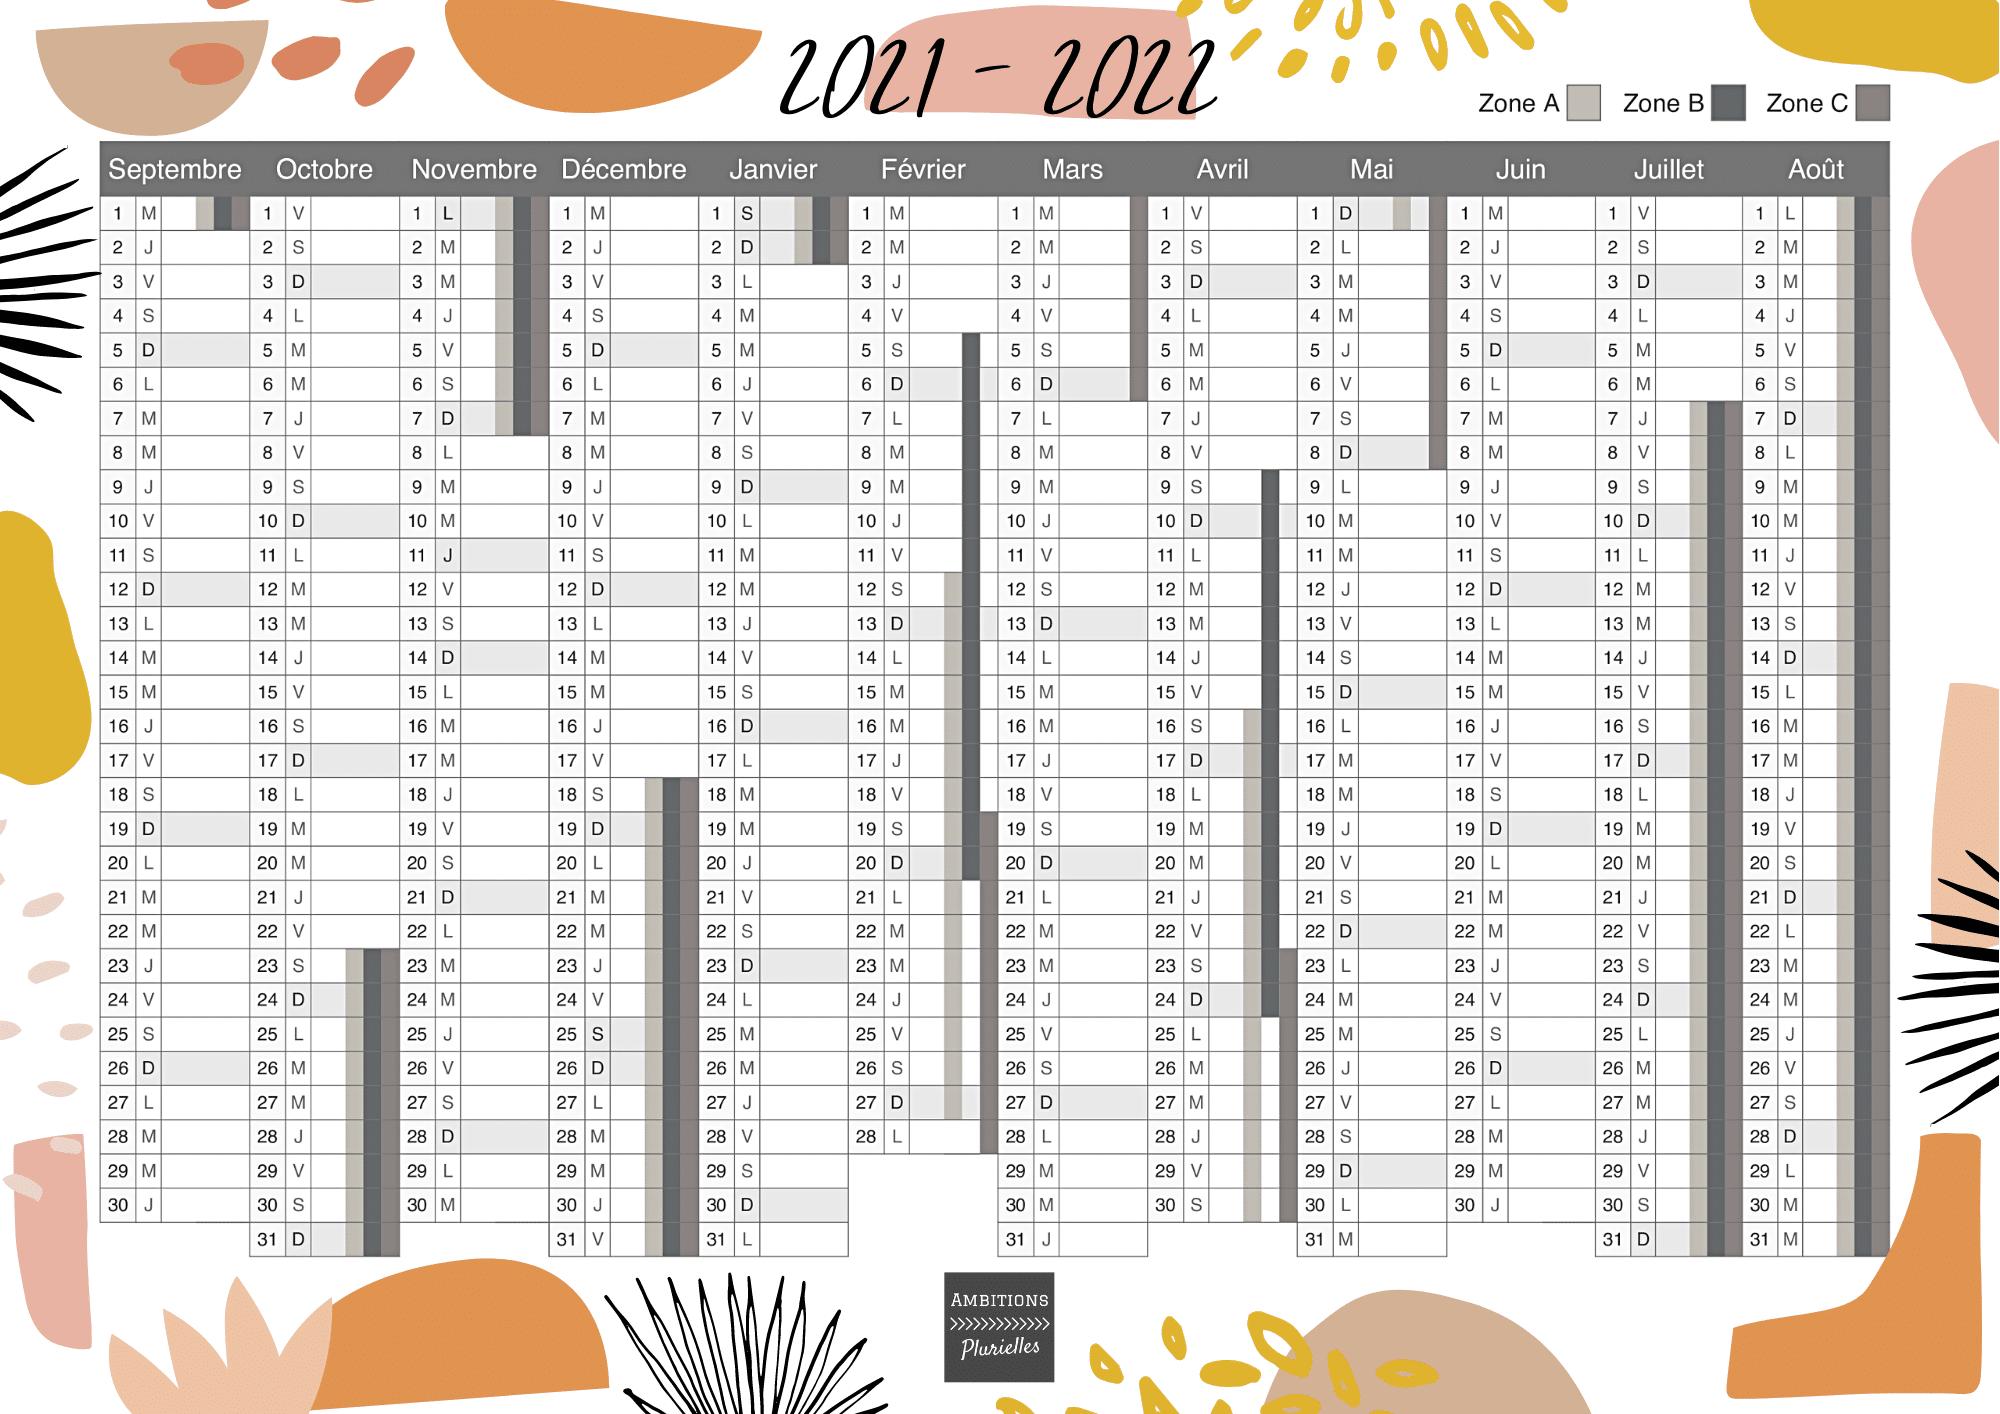 Calendrier 2021-2022 à imprimer et à afficher dans ton bureau